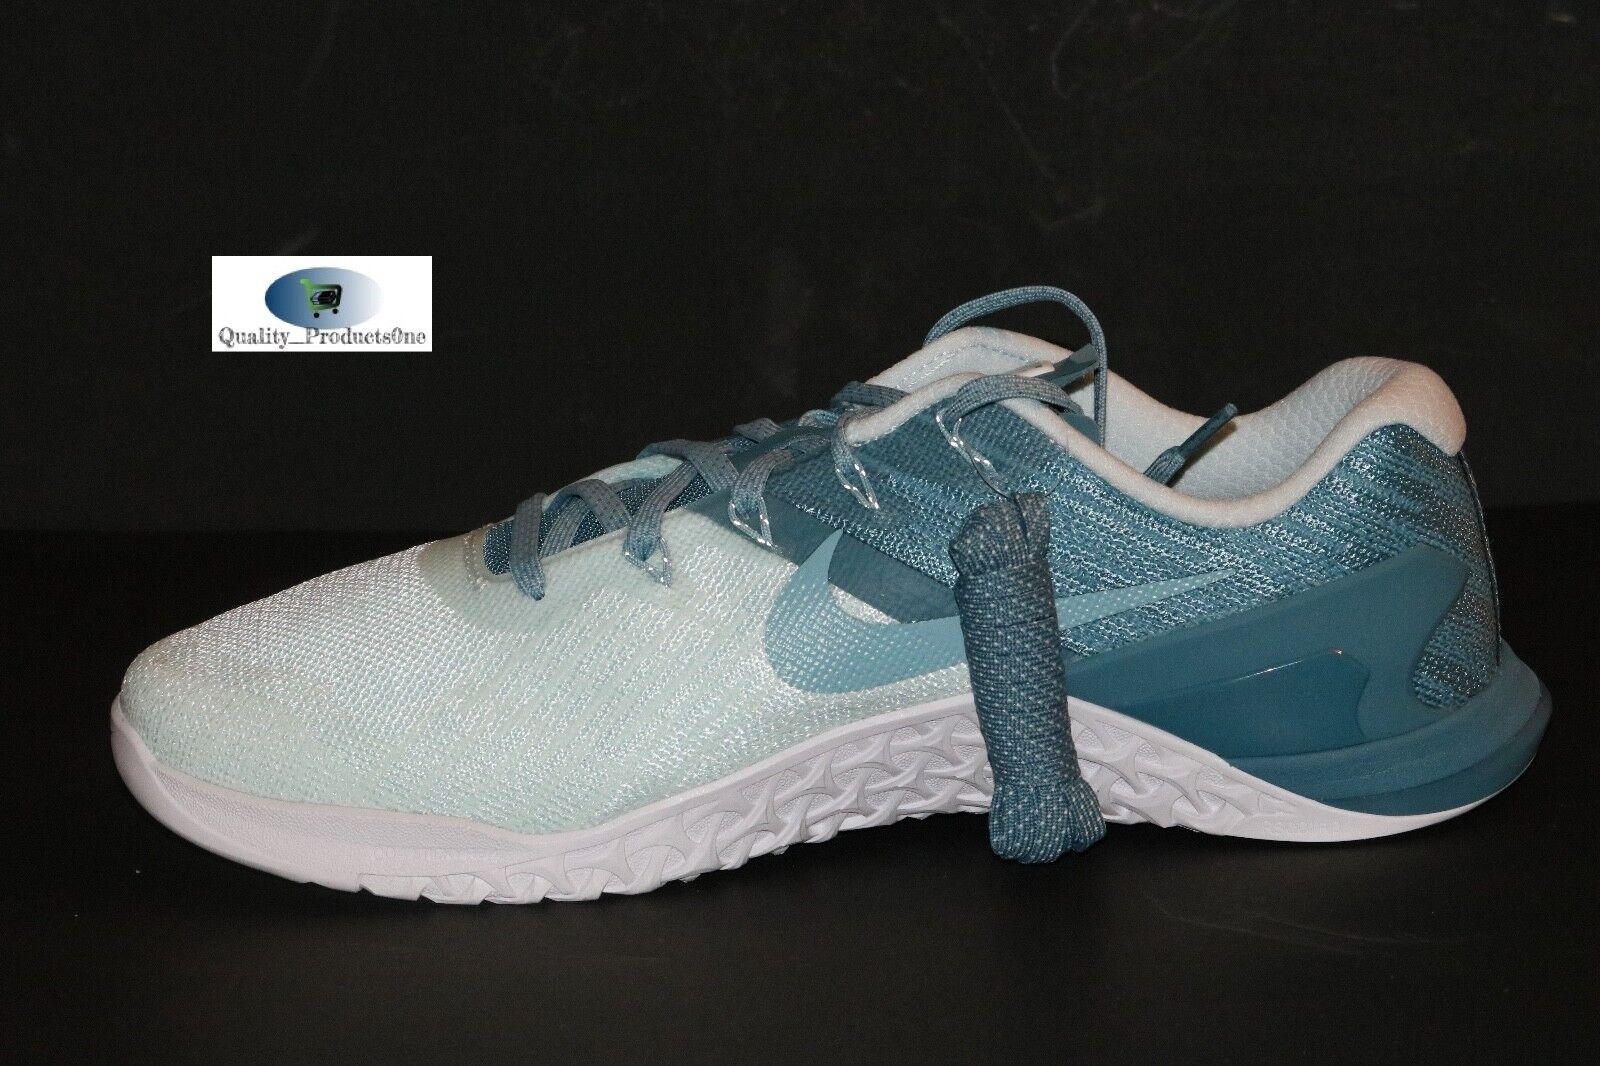 ba3bf2b896af ... WOMEN S WOMEN S WOMEN S Nike Metcon 3 Glacier Blue Mica Blue 849807 400  Sz 11.5 d56226 ...